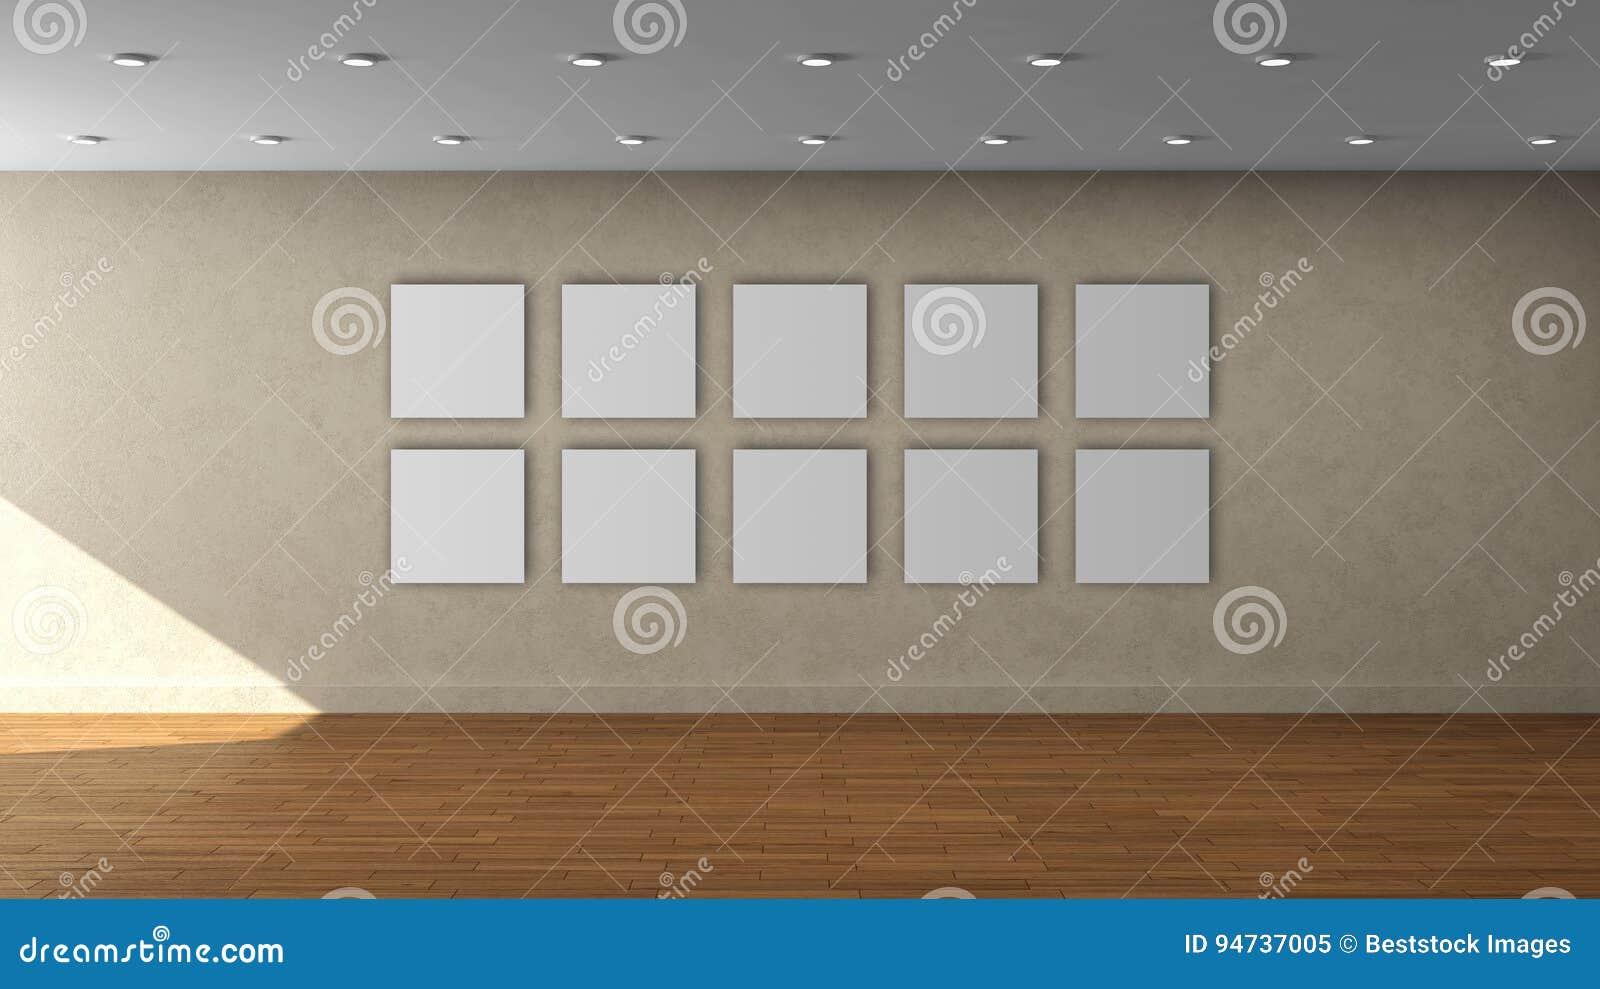 Plantilla interior vacía de la pared beige de alta resolución con el marco del cuadrado del color de 10 blancos en la pared delan